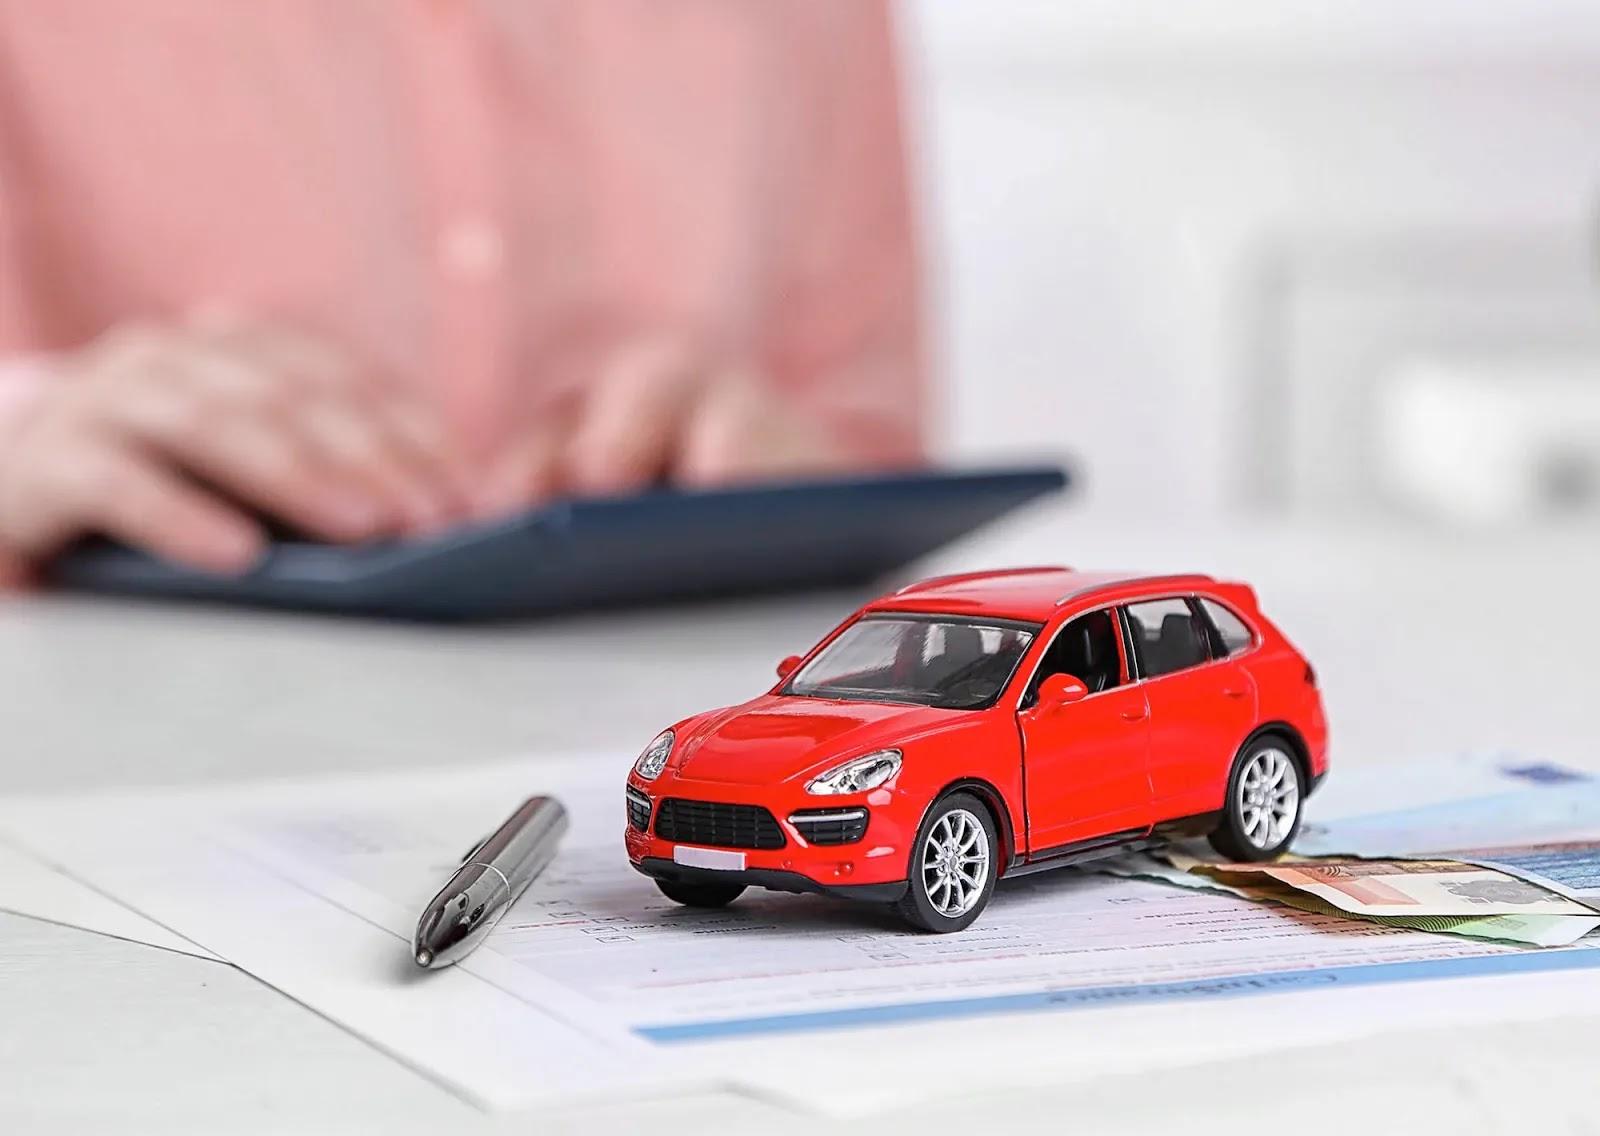 Cara Perhitungan Simulasi Kredit Mobil